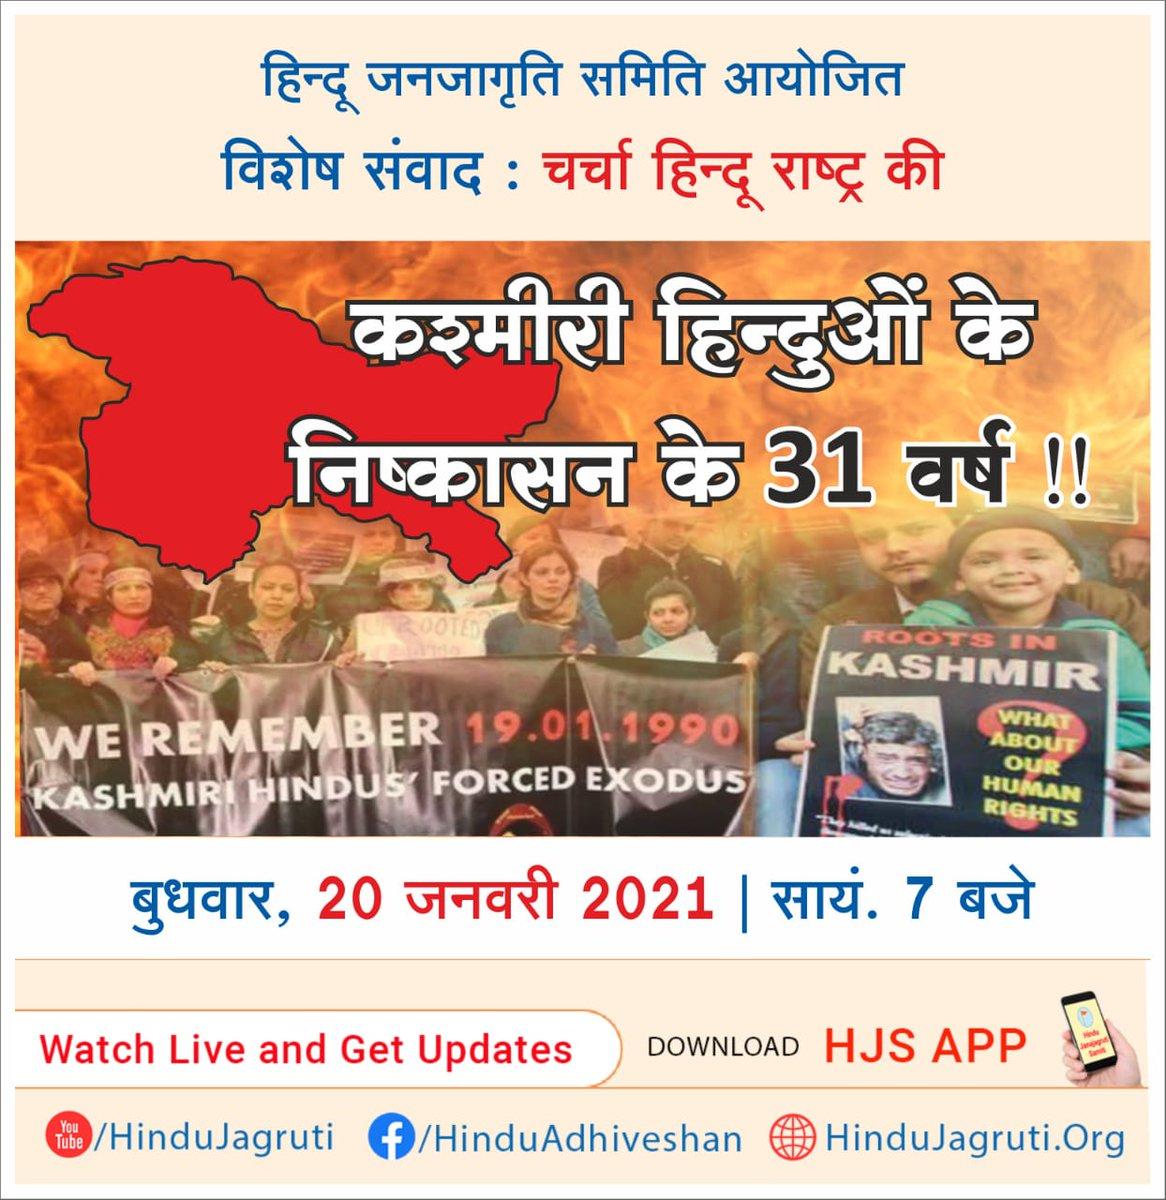 हिन्दू जनजागृति समिति आयोजित 🚩 विशेष संवाद : चर्चा हिन्दू राष्ट्र की 🔸कश्मीरी हिन्दुओं के निष्कासन के 31 वर्ष !! 20 जनवरी 2021 🕗समय: सायं. 7 बजे Watch Live 🔸 🔸  🔸 🔸 #mondaythoughts